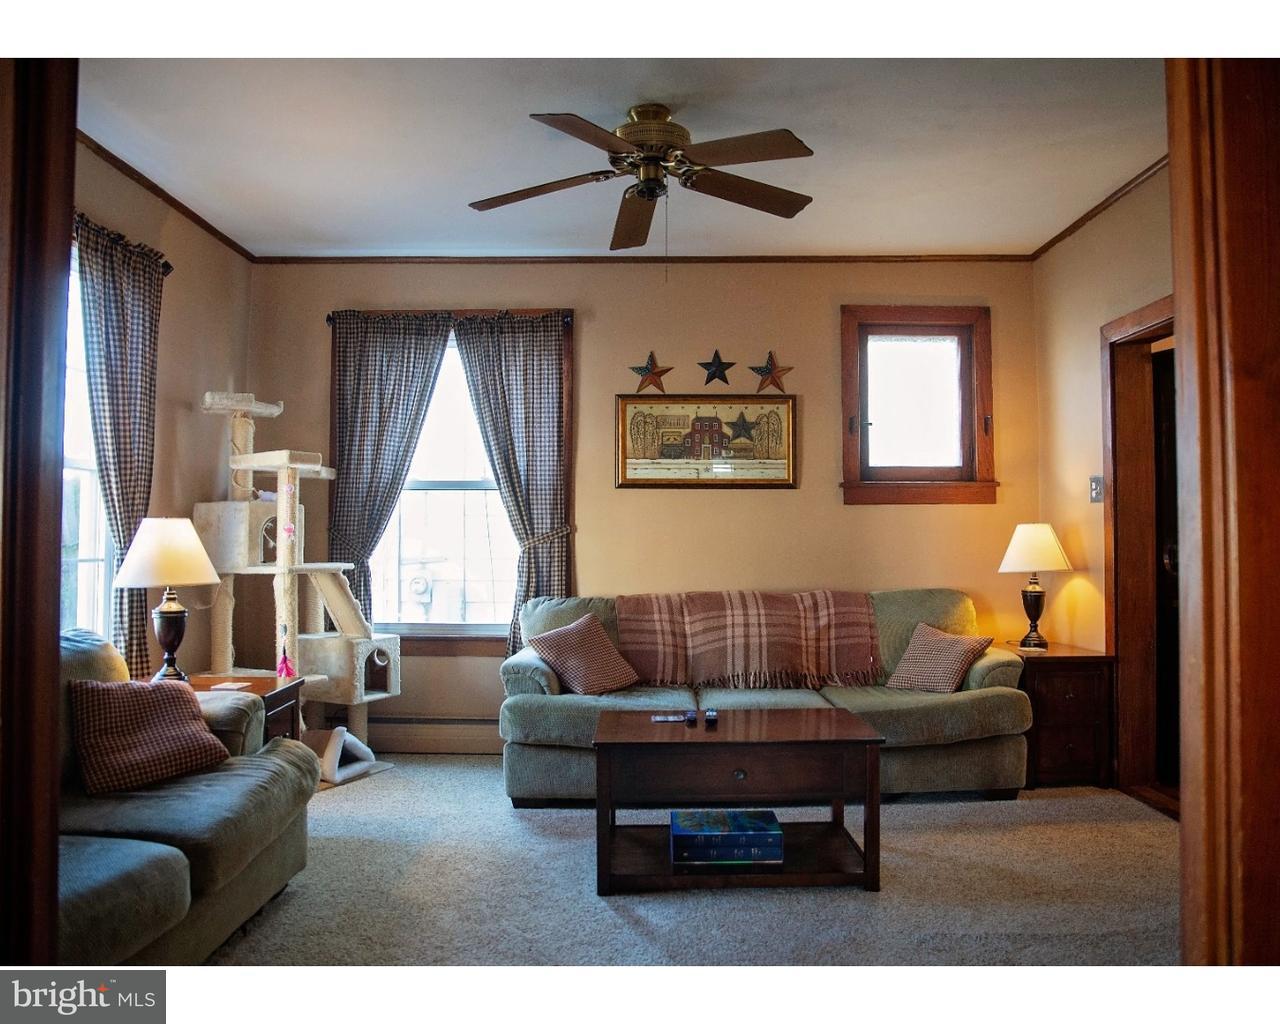 207 E WALNUT ST, KUTZTOWN - Listed at $149,900, KUTZTOWN